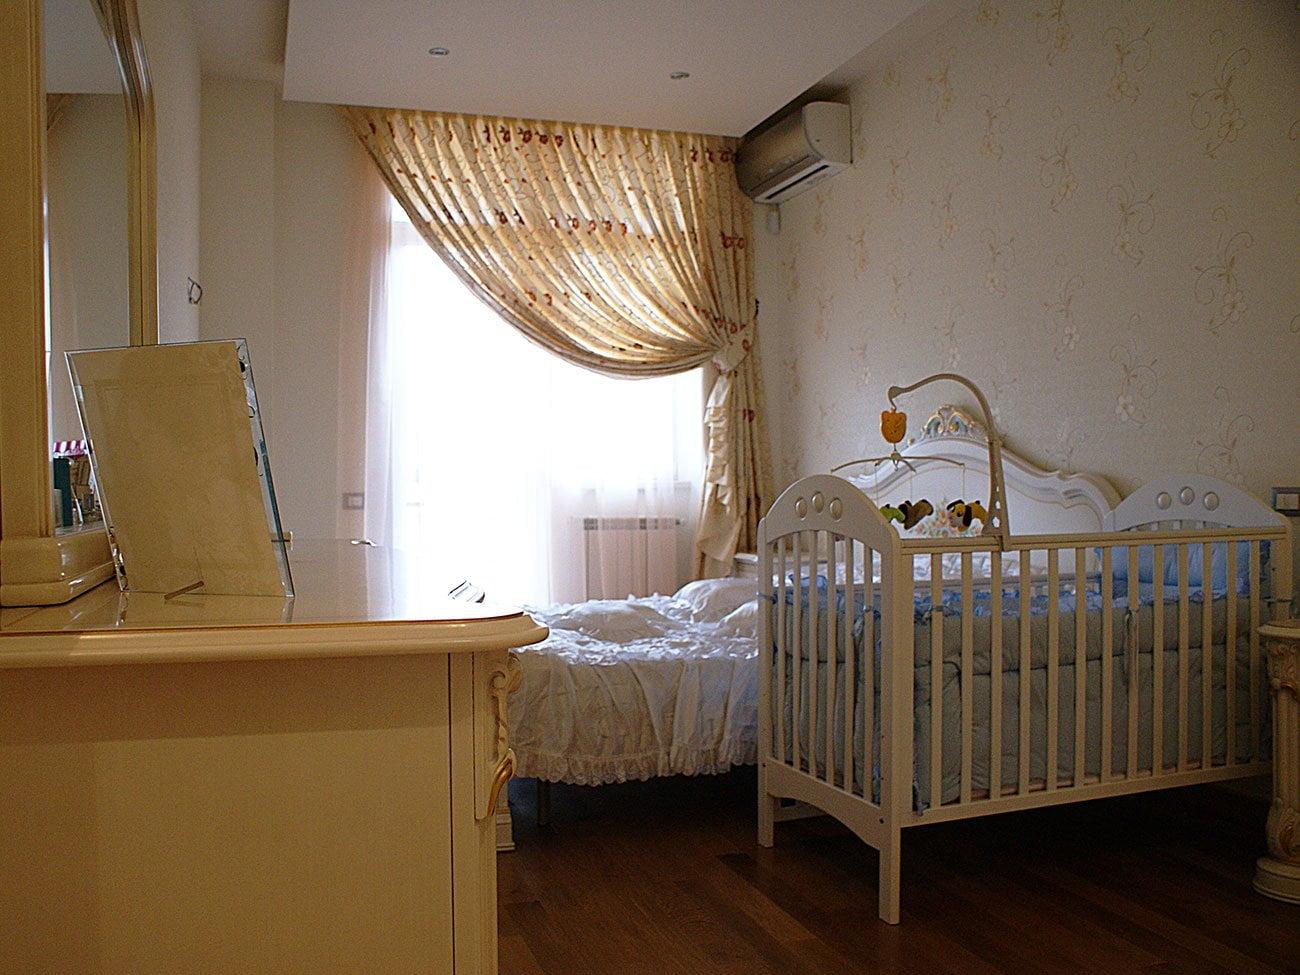 фото спальни семьи с маленьким ребёнком выполненной в спокойных пастельных тонах